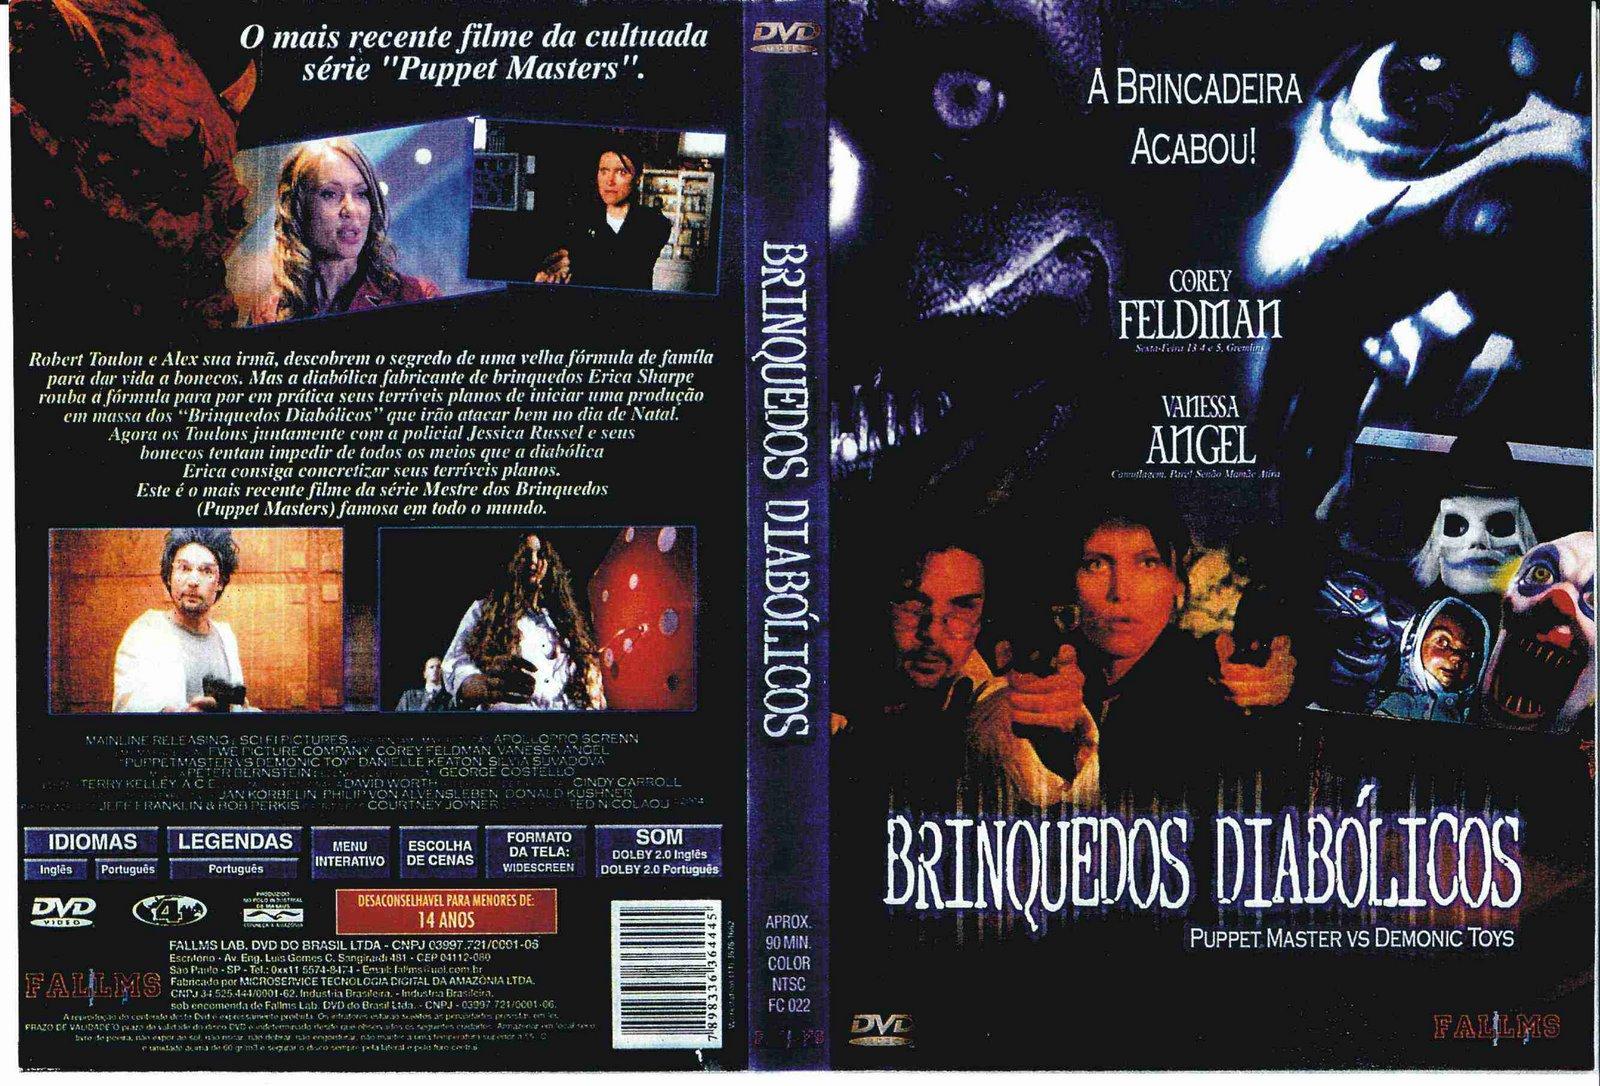 Torrent - Brinquedos Diabólicos Blu-ray rip 1080p Dublado (1992)